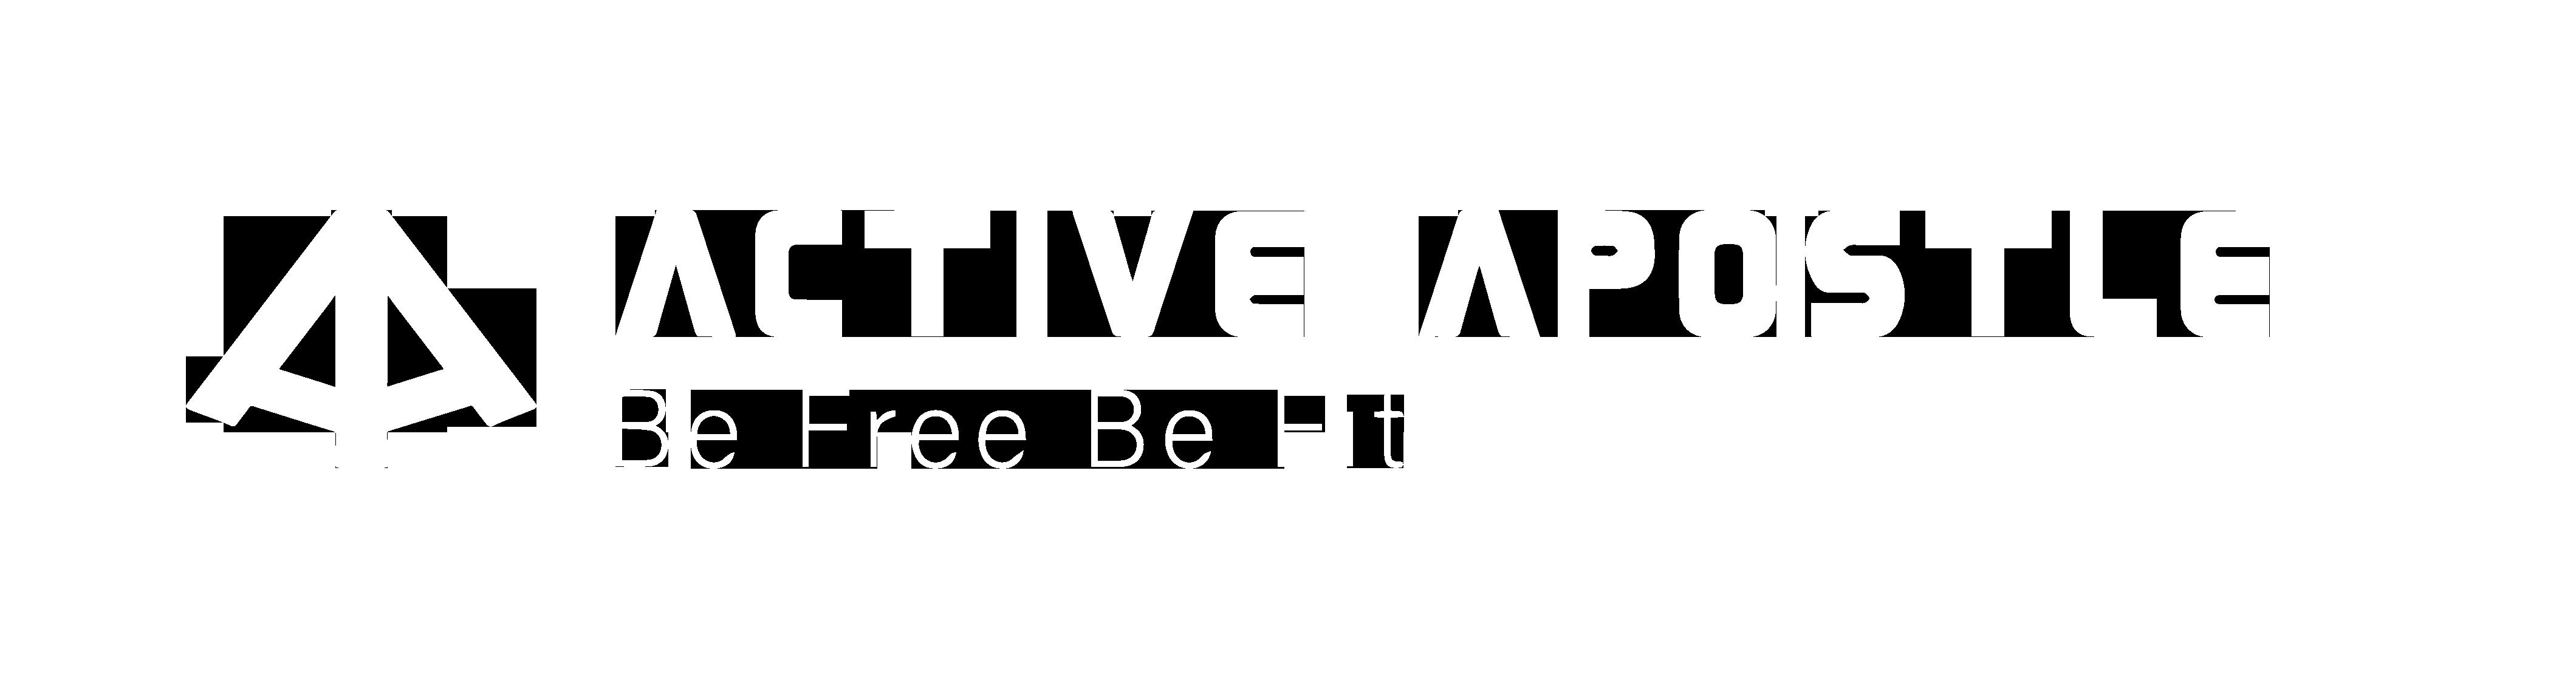 ACTIVE APOSTLE